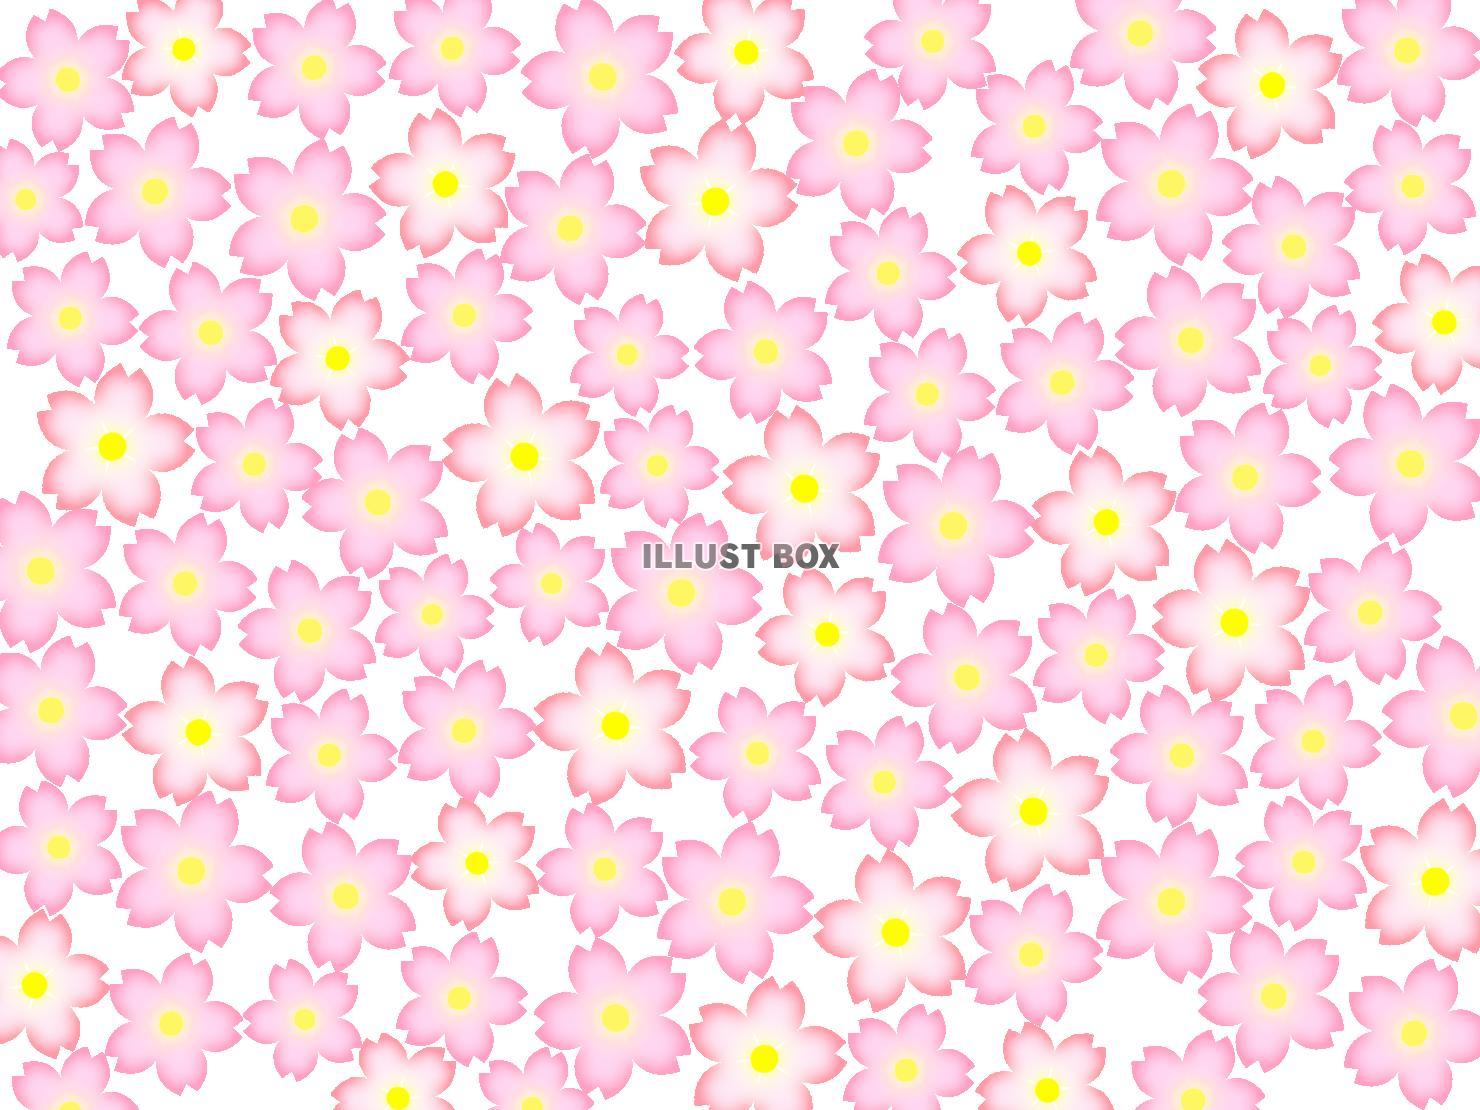 無料イラスト 桜の花模様壁紙シンプル背景素材イラスト 透過png